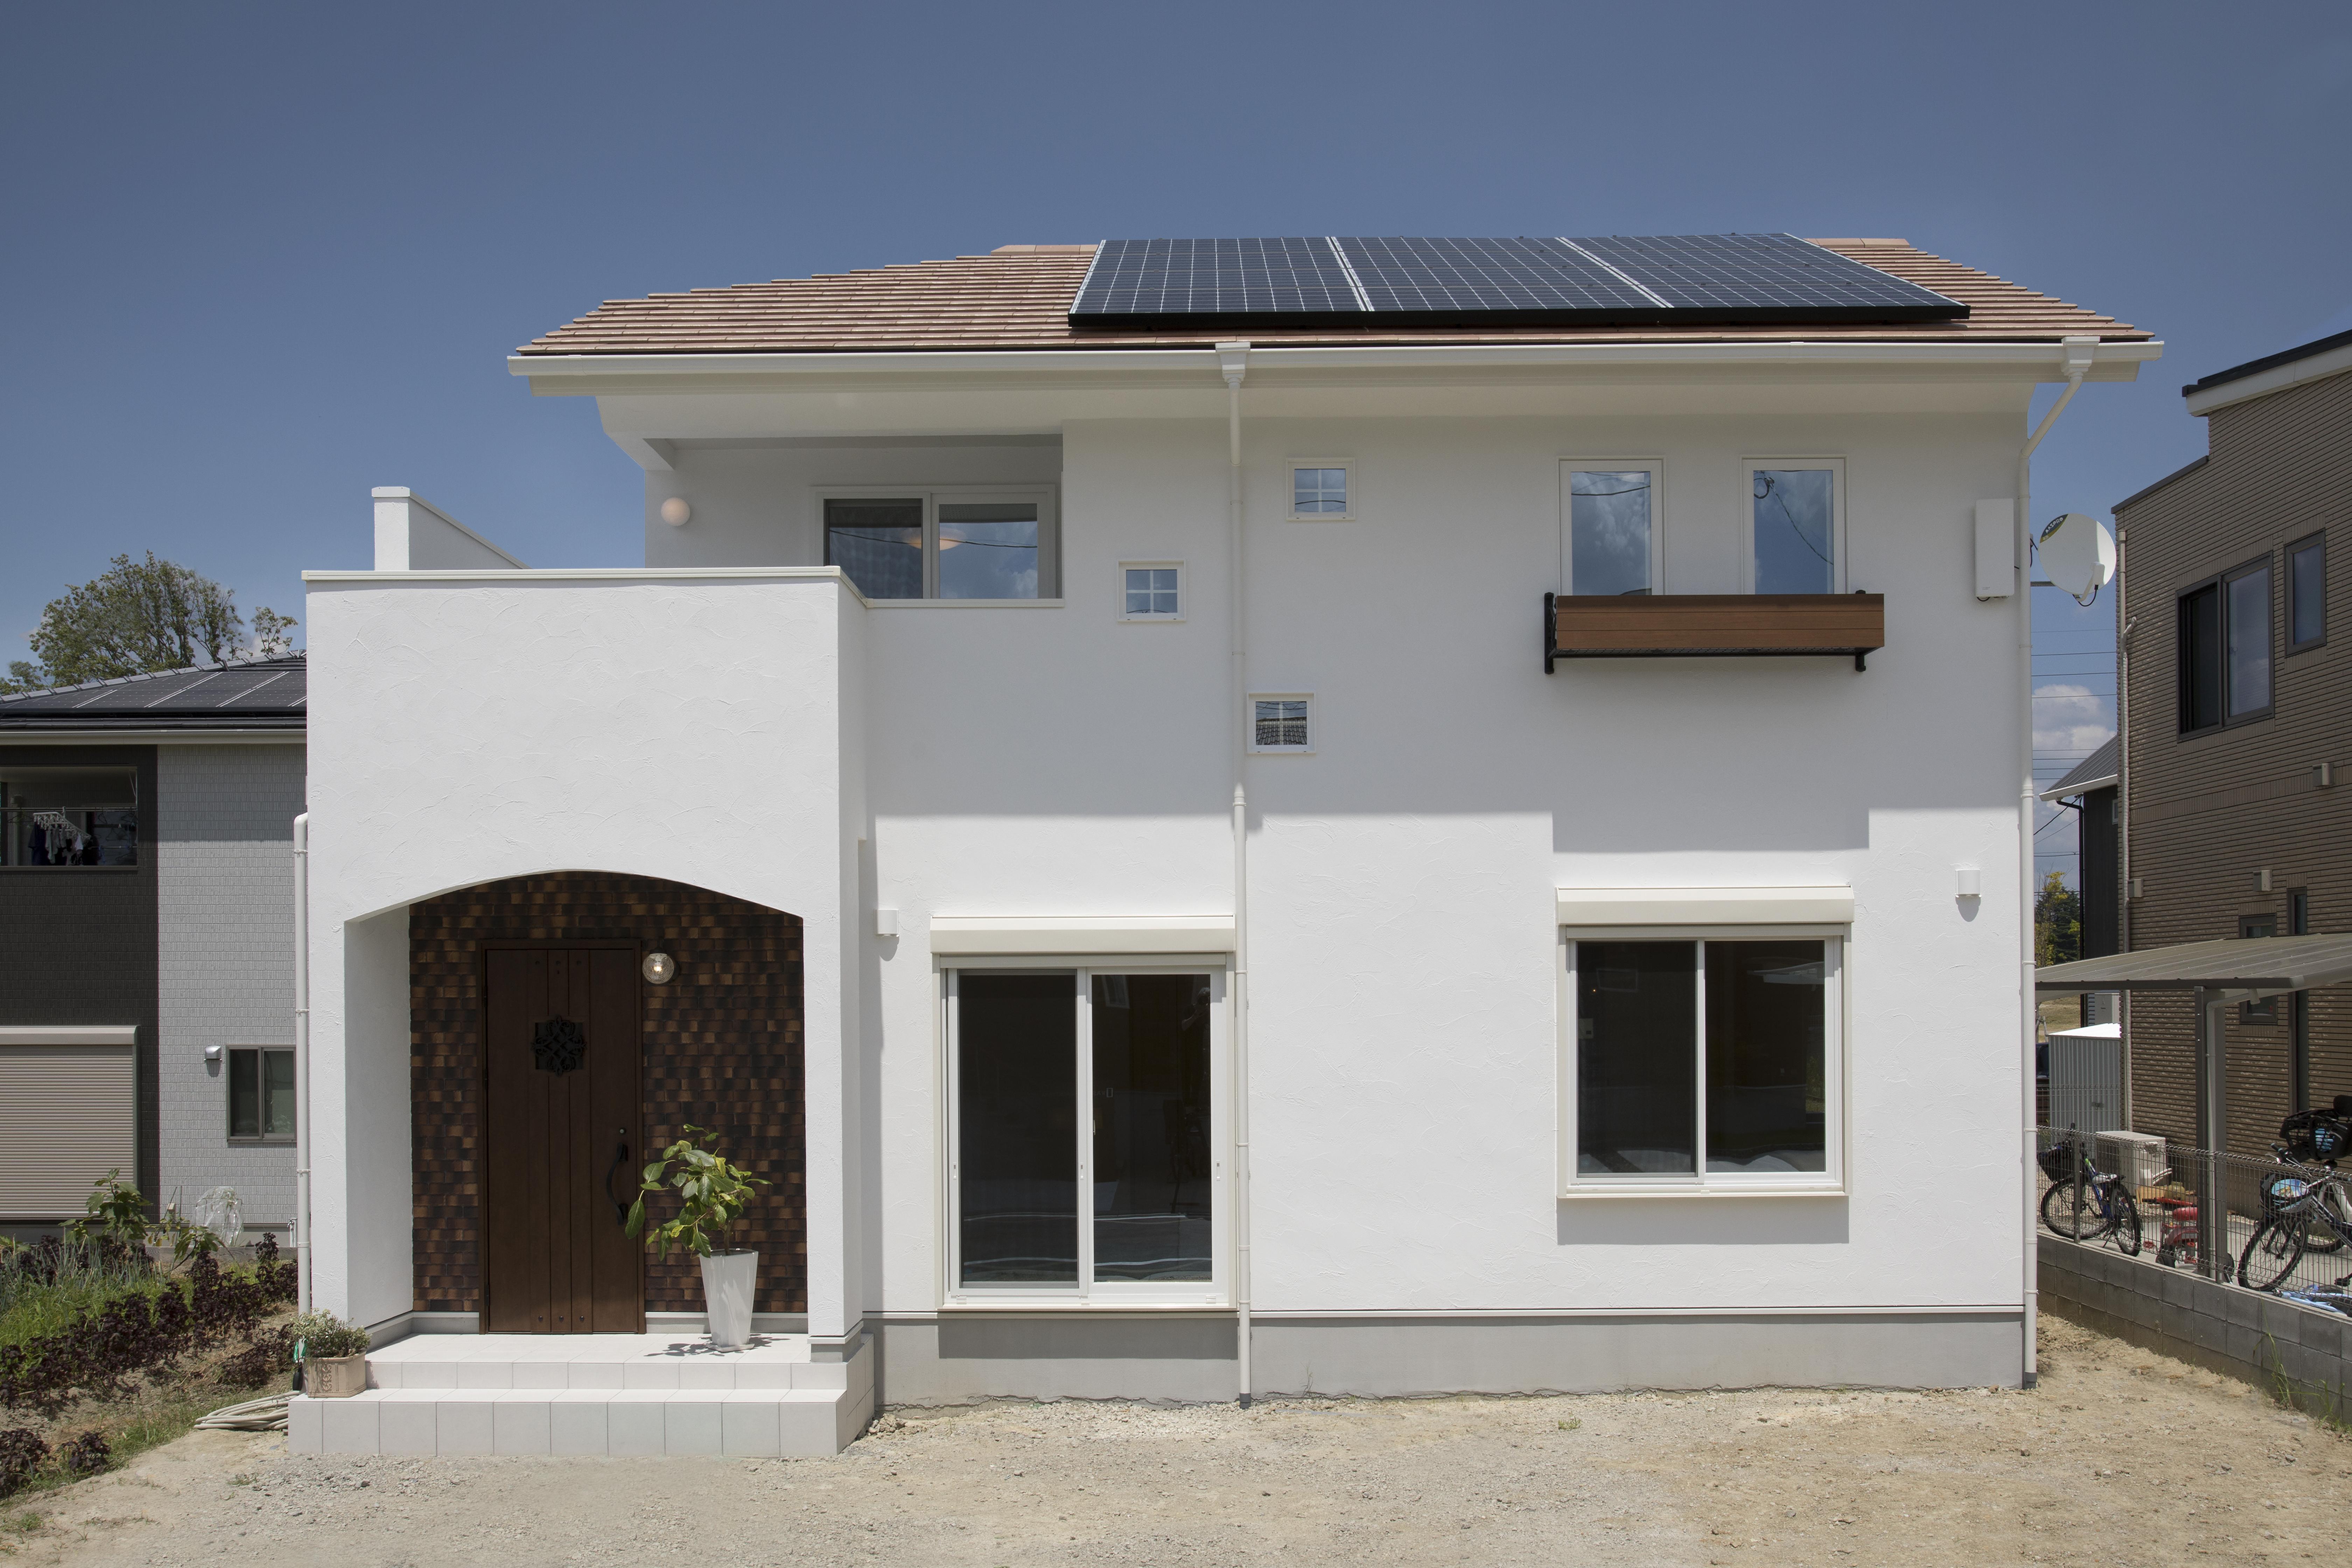 天然スイス漆喰と全館空調の白い家